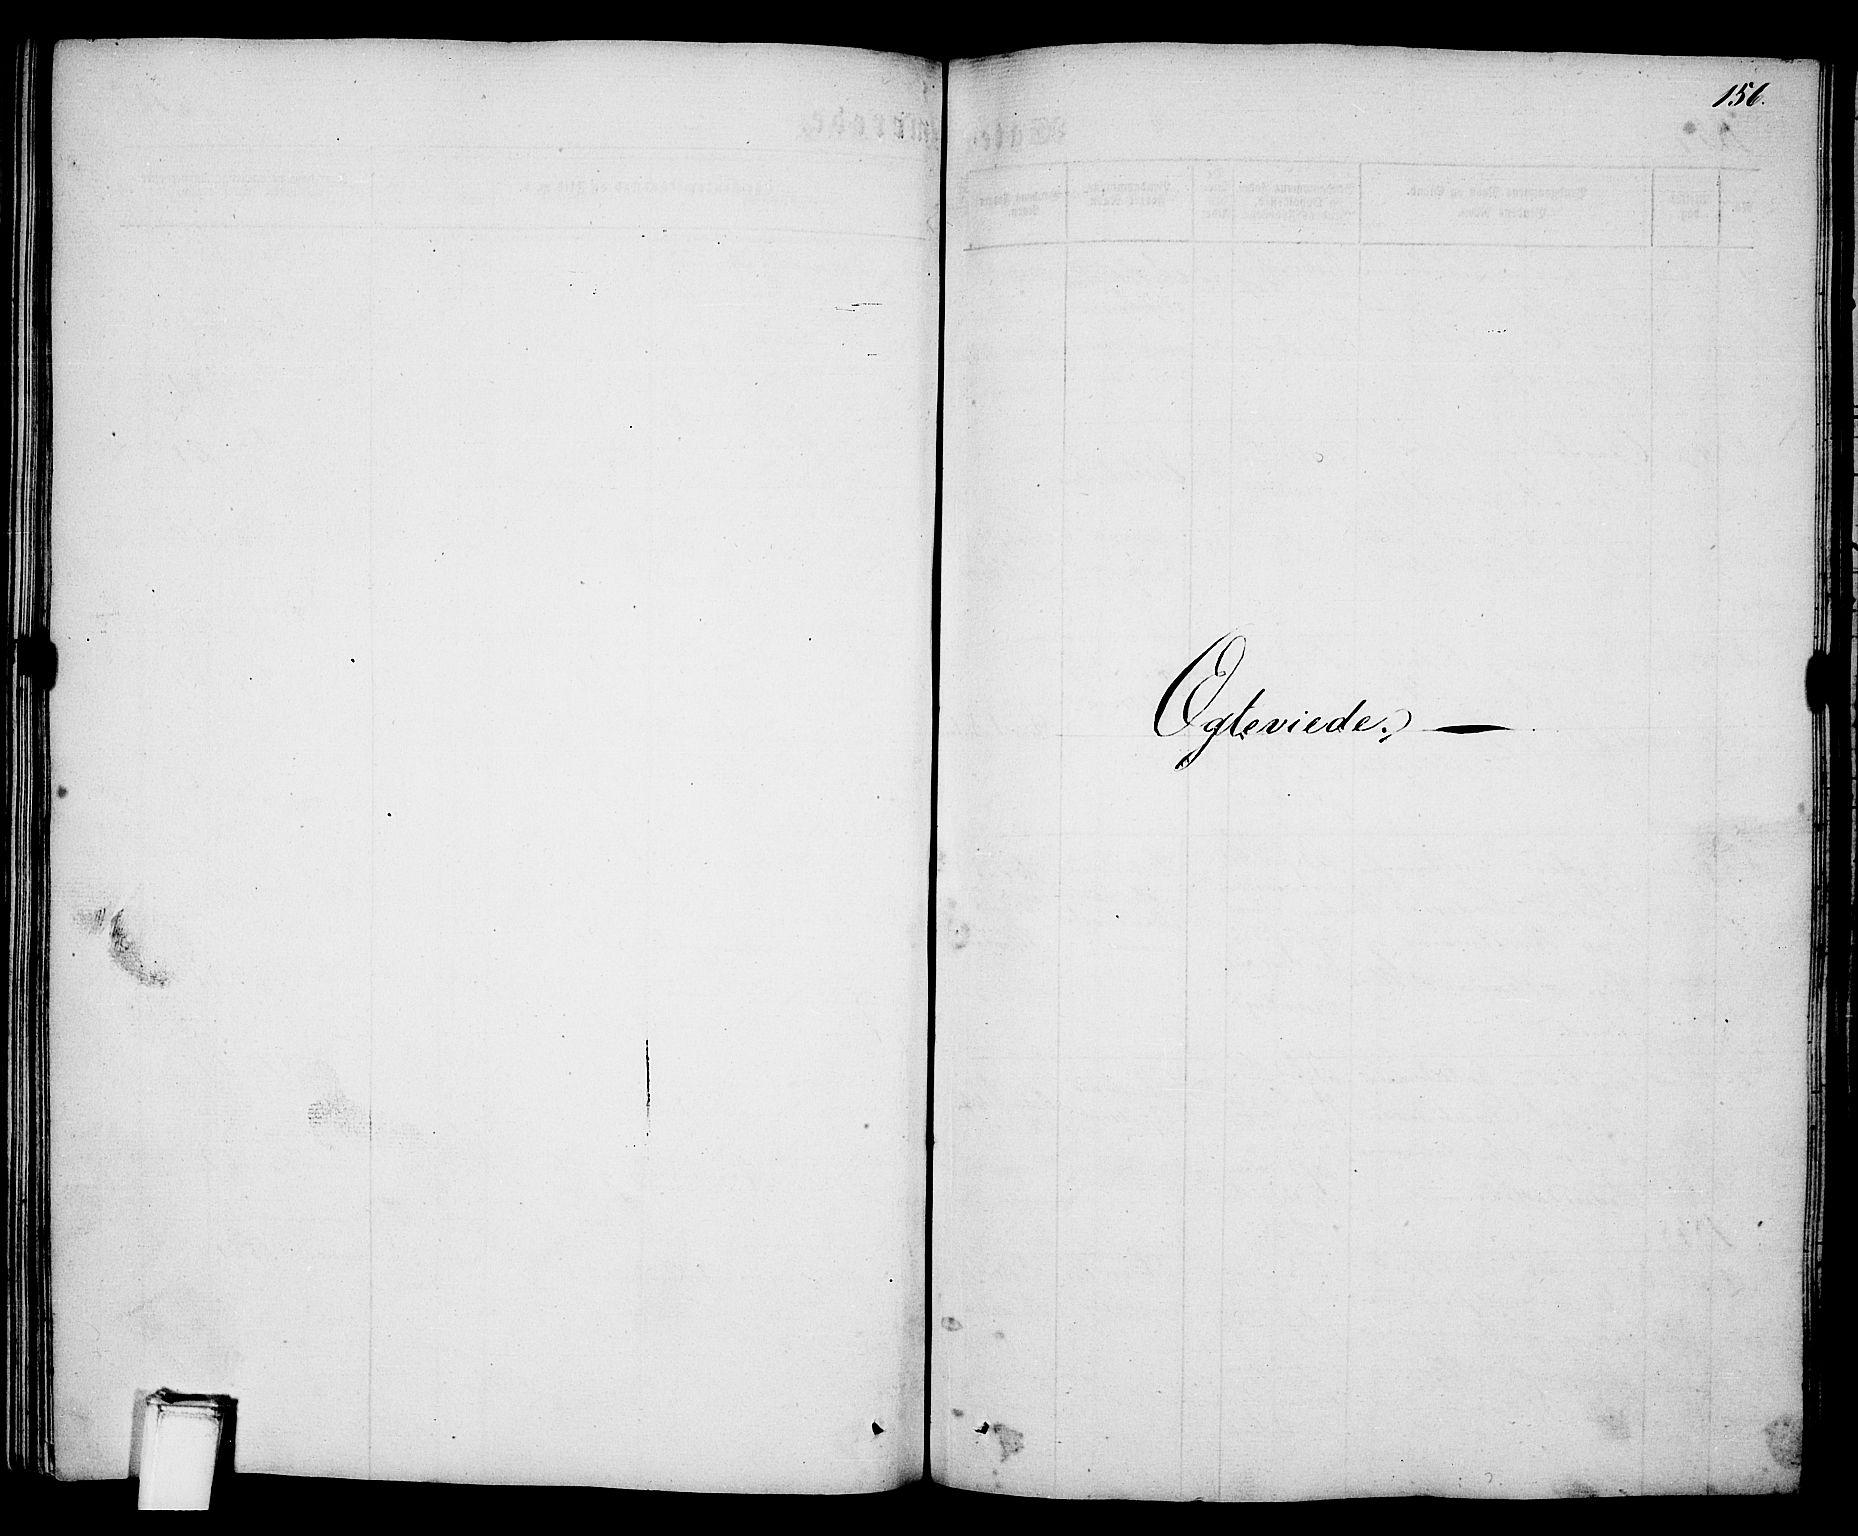 SAKO, Porsgrunn kirkebøker , G/Ga/L0002: Klokkerbok nr. I 2, 1847-1877, s. 156